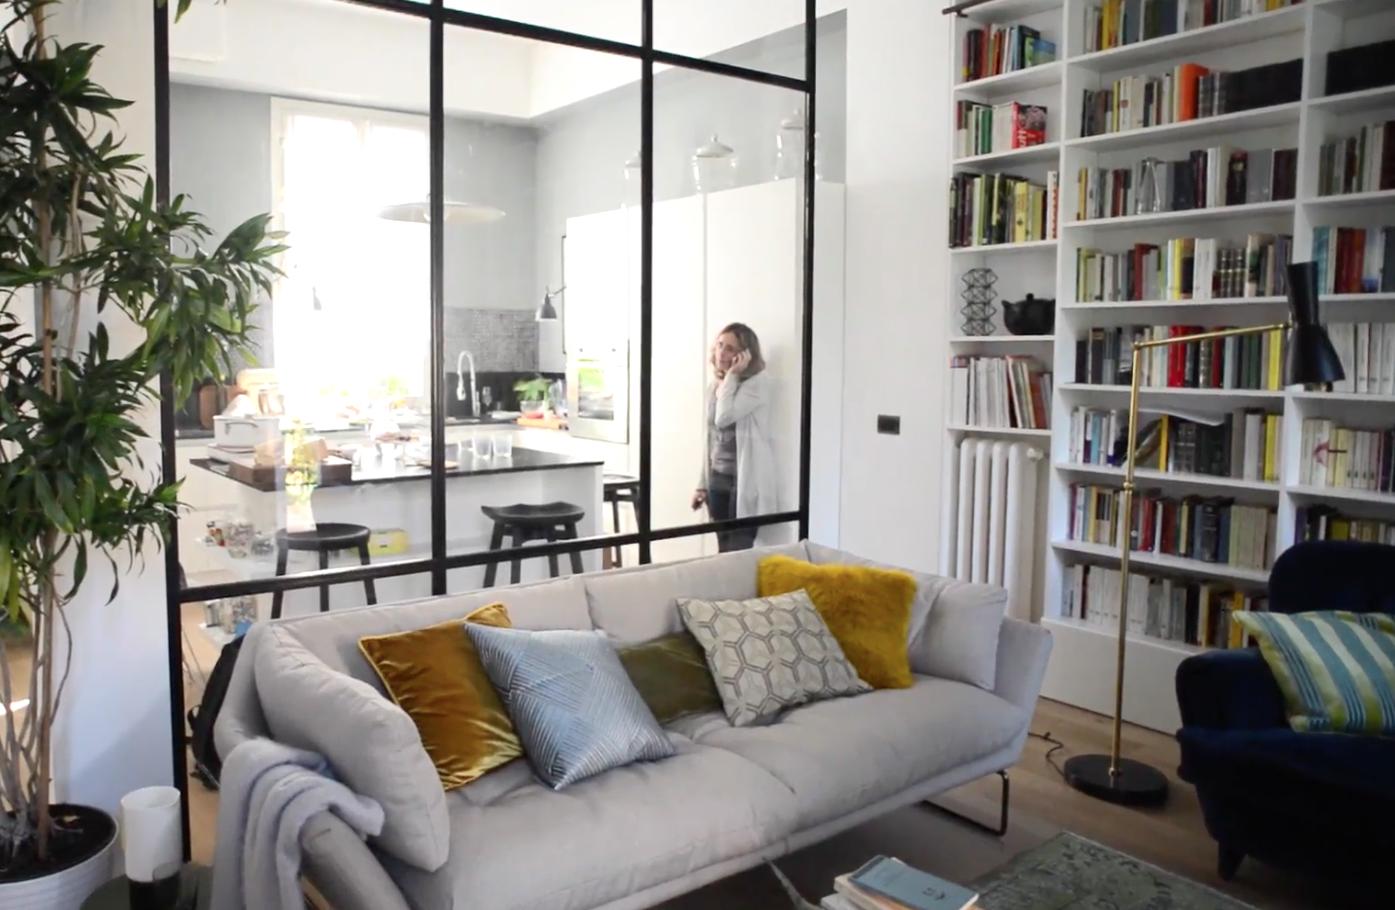 Prima dopo l 39 open space con la parete vetrata casafacile for Piani di casa open space